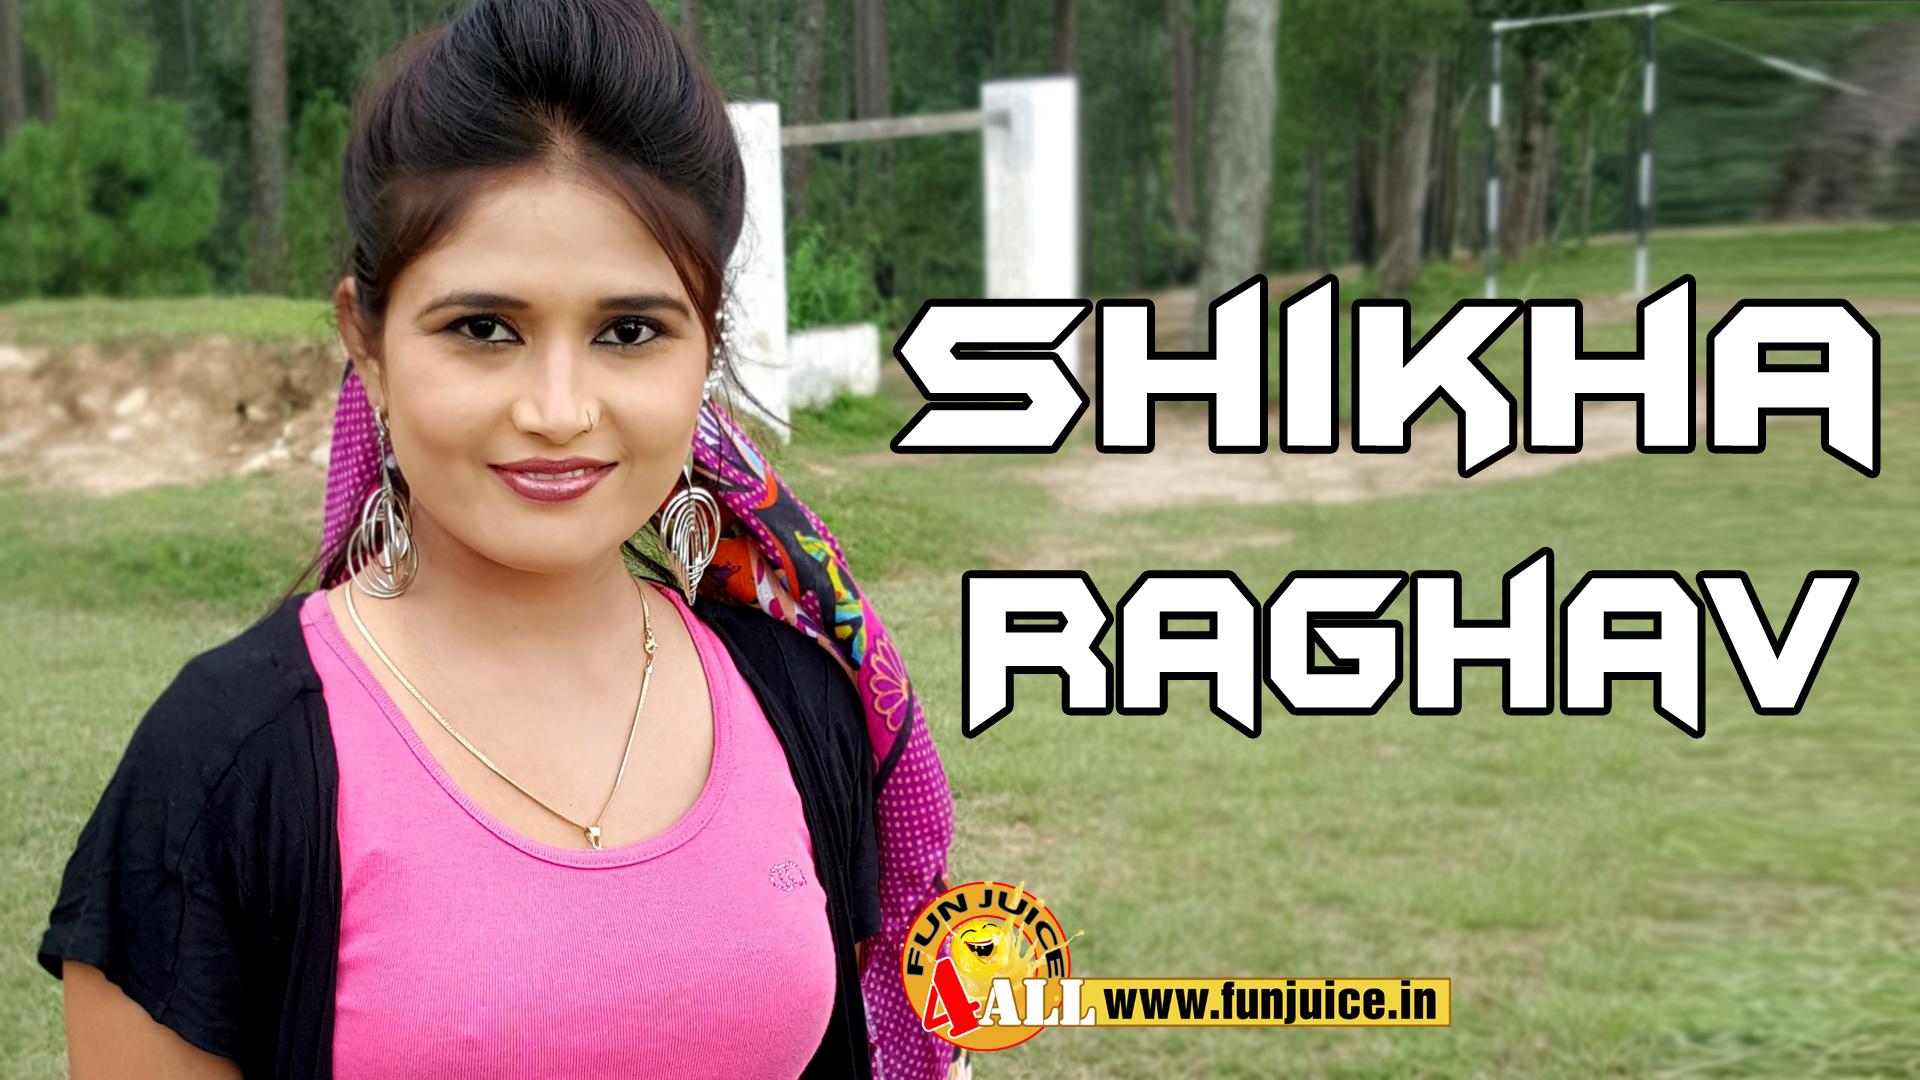 shikha raghav hd